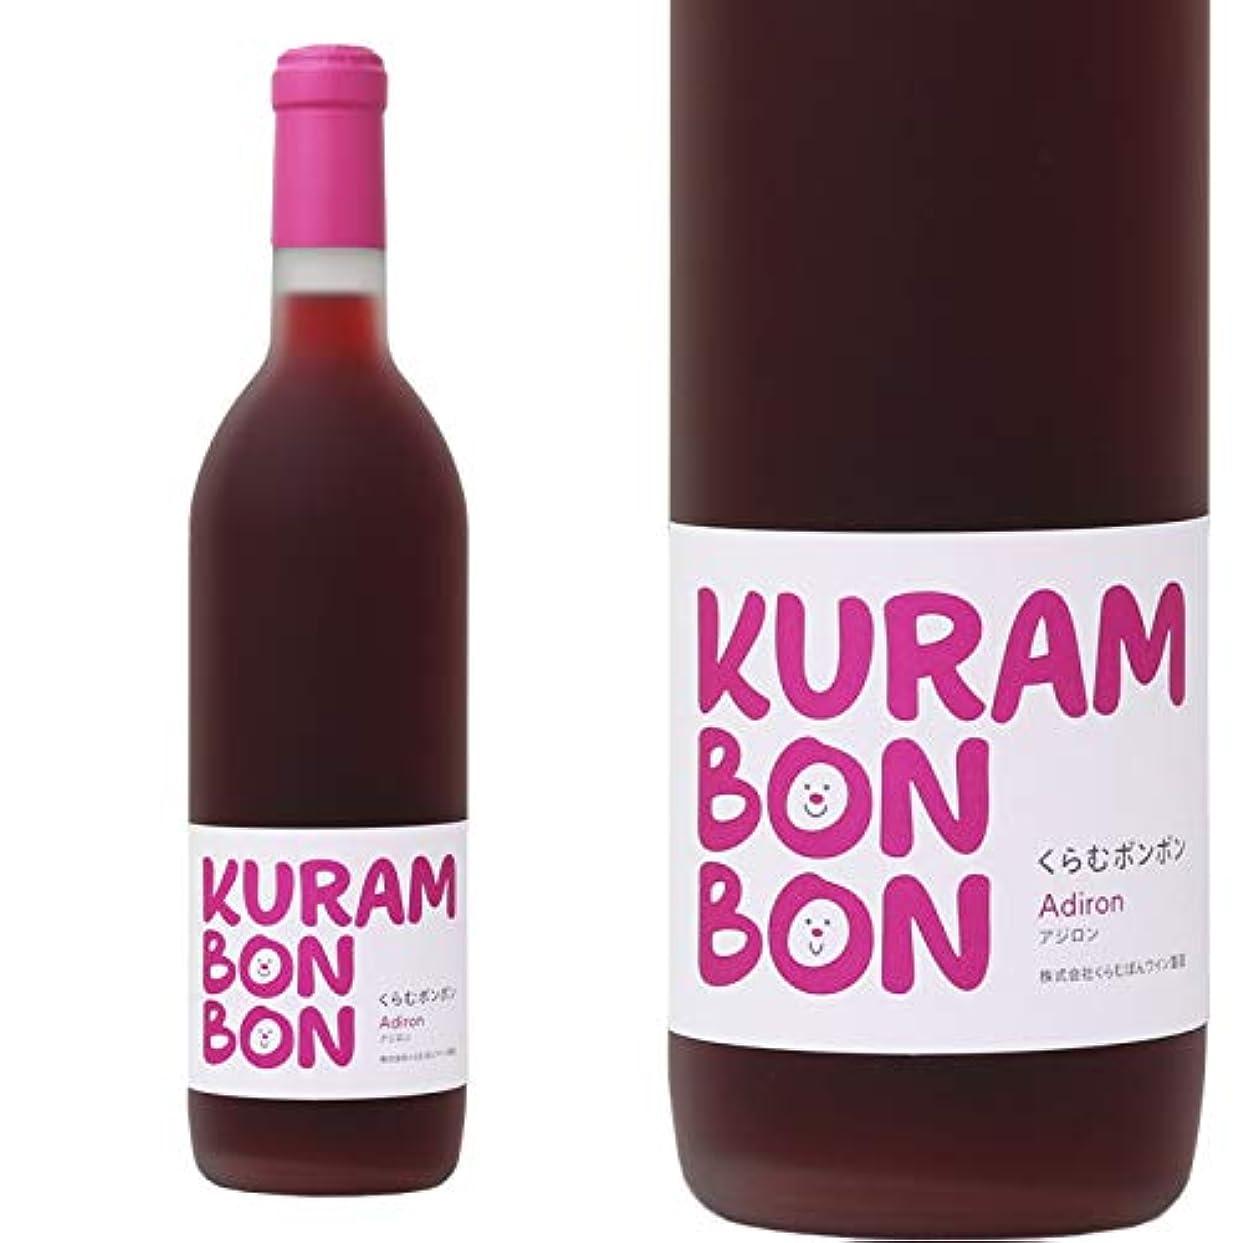 ひねくれたベンチャースリッパ山梨ワイン 赤 甘口 アジロンダック くらむぼんワイン くらむボンボンアジロン 720ml